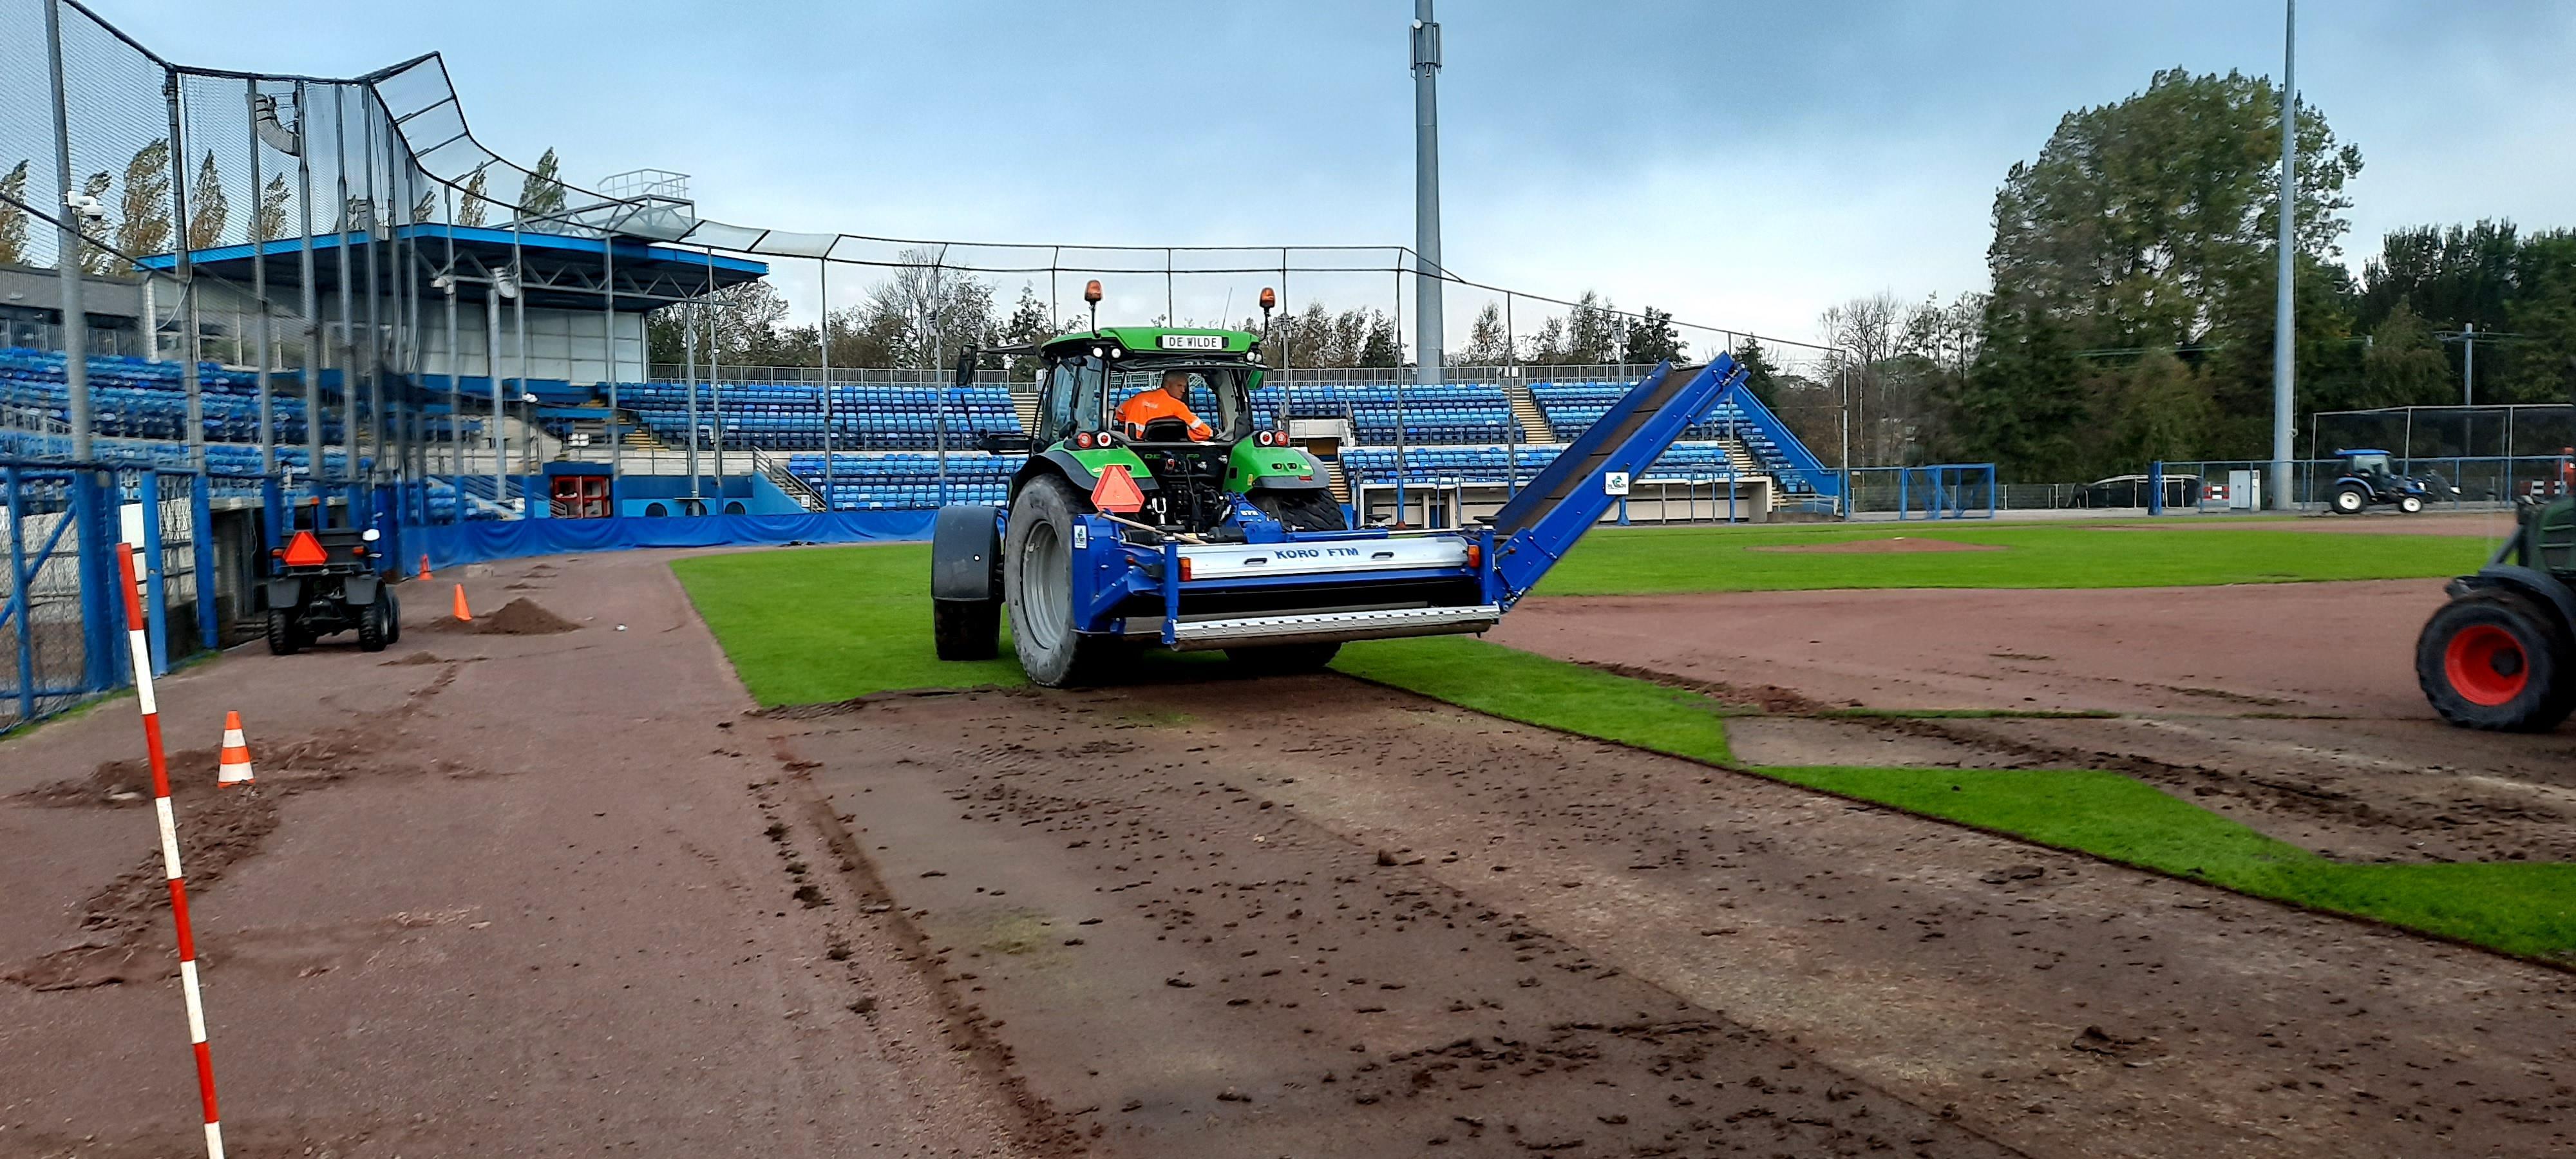 Voor het eerst sinds de opening in 1960 gaat gravel van Pim Mulier Stadion eruit